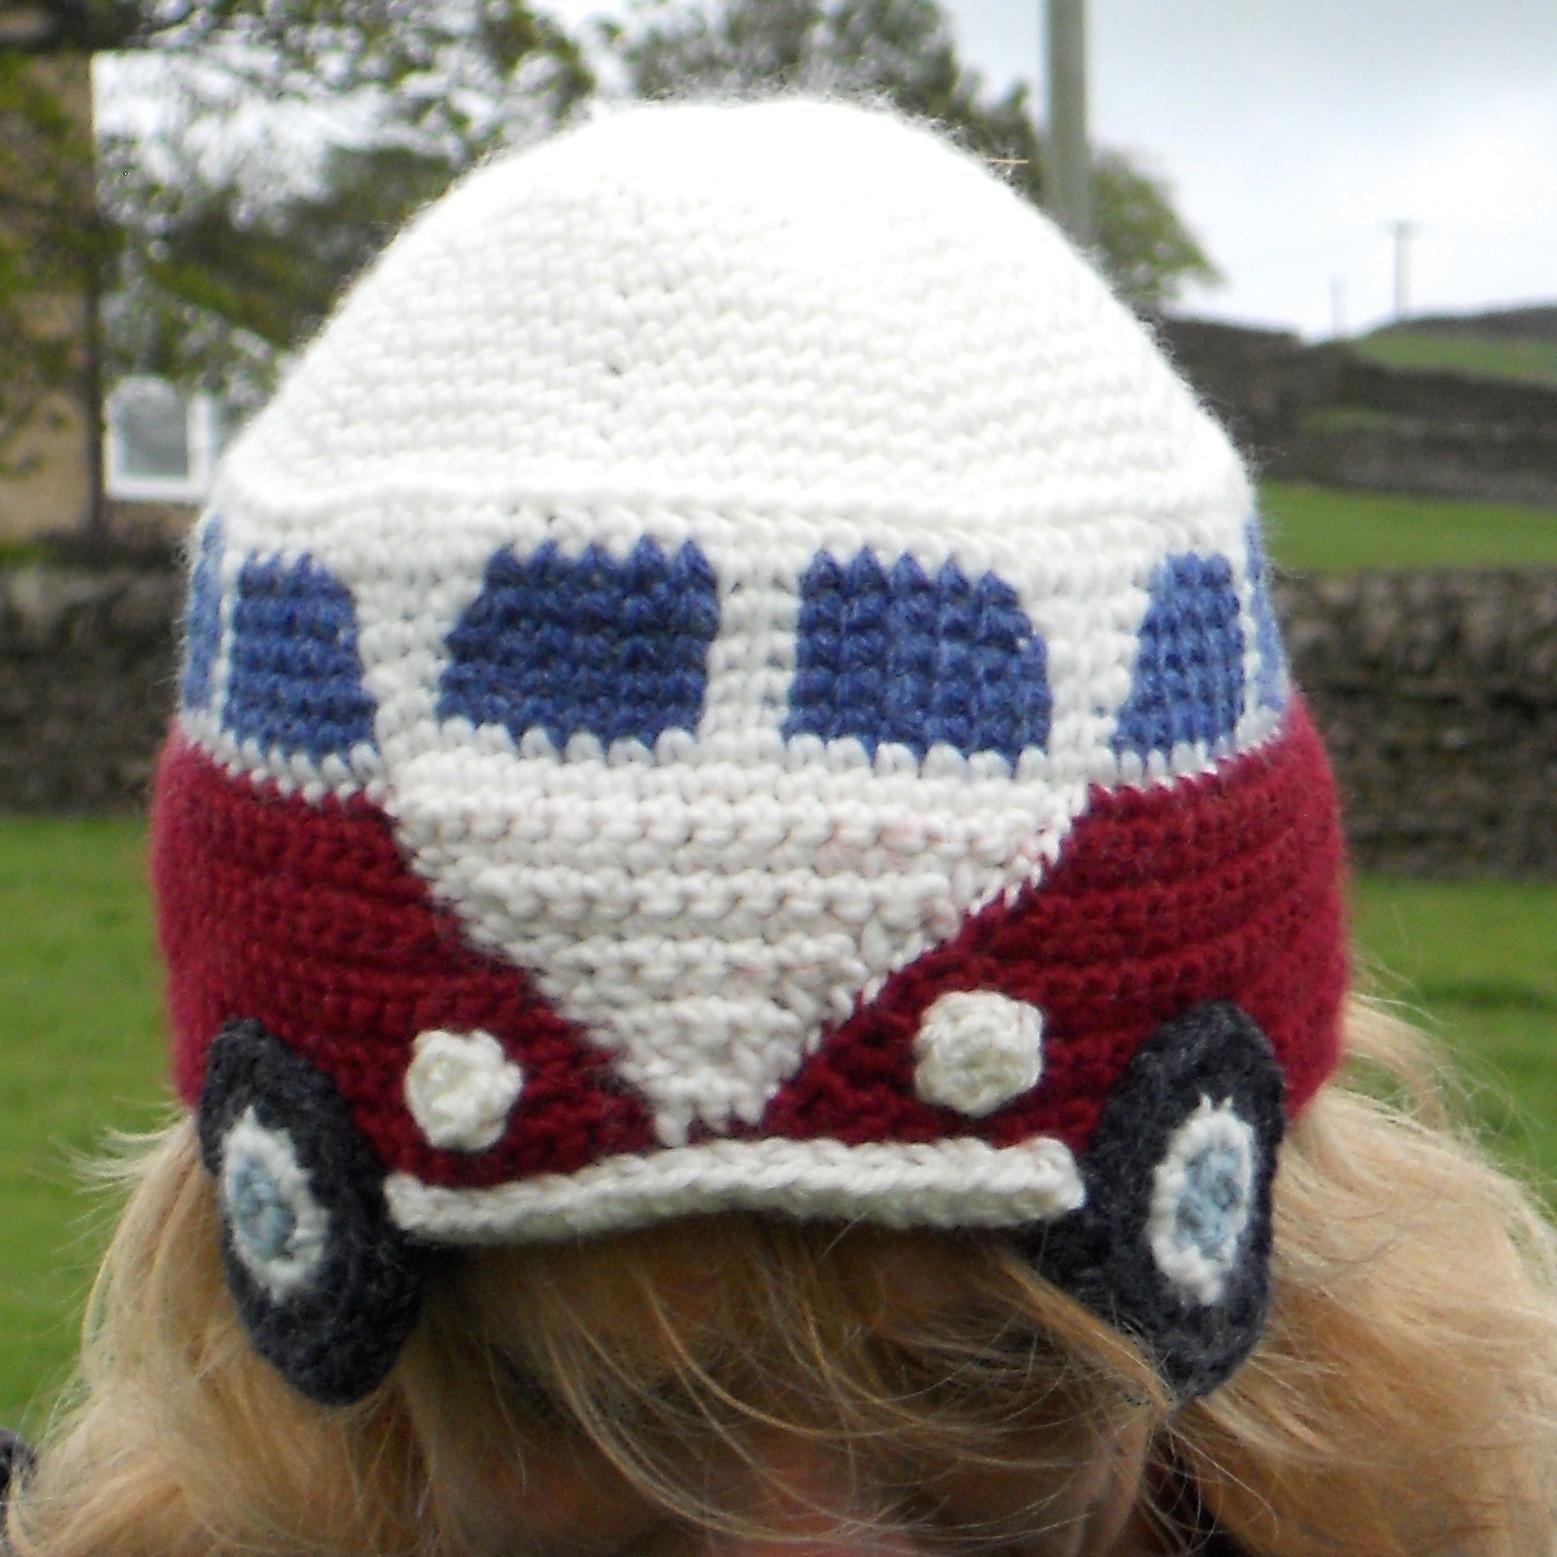 Pdf crochet pattern for a campervan beanie hat slightly sheepish pdf crochet pattern for a campervan beanie hat bankloansurffo Gallery